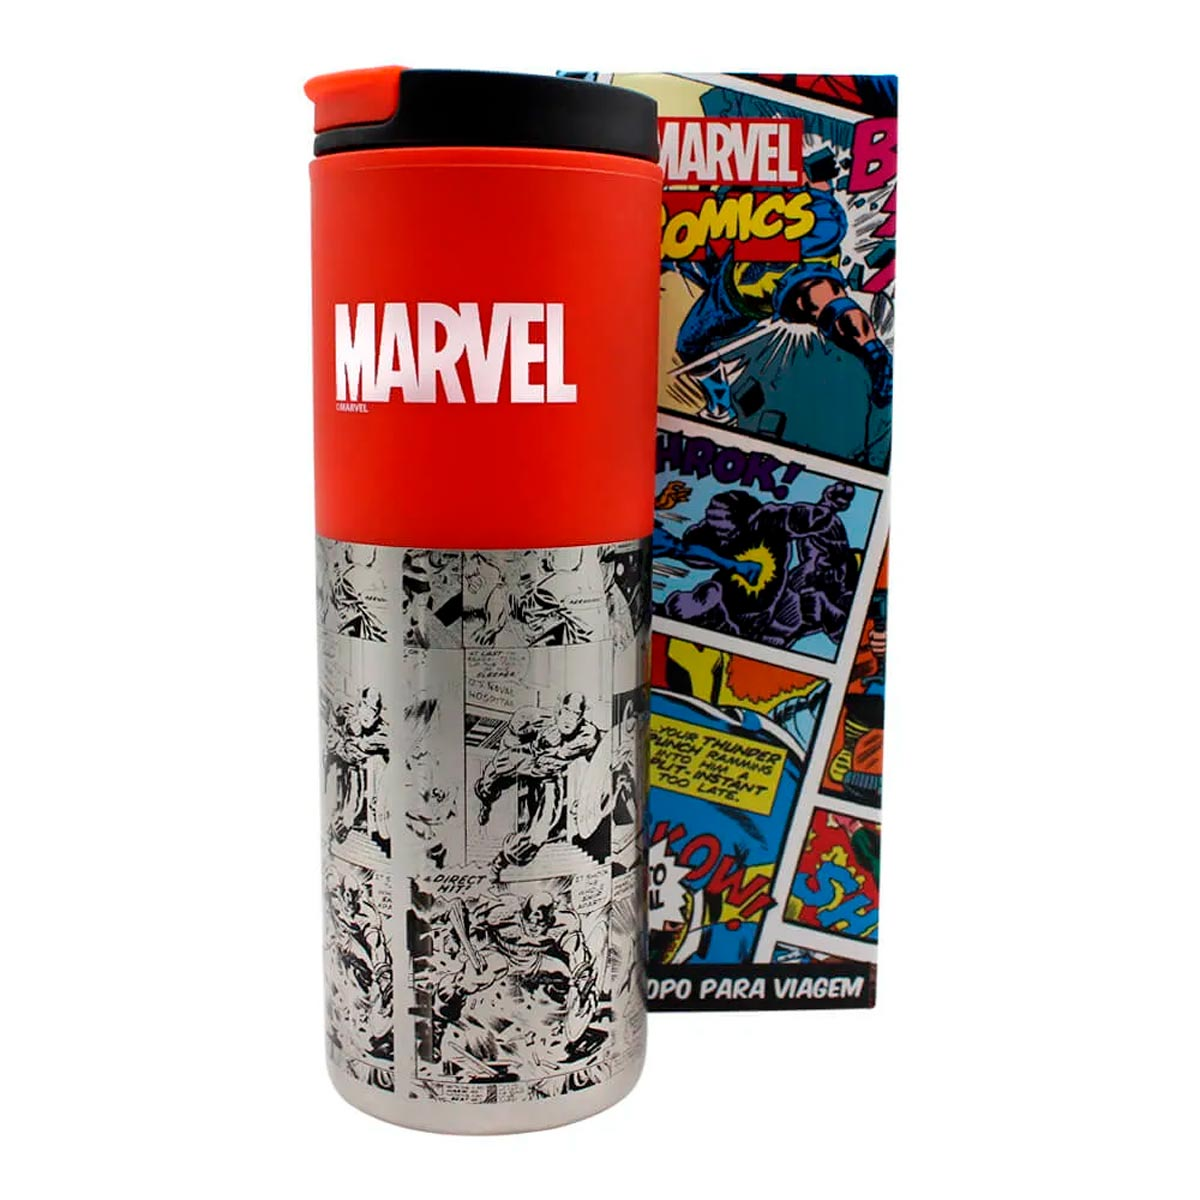 Copo Para Viagem Smart Marvel Classic Quadrinhos 500 ml - Presente Super